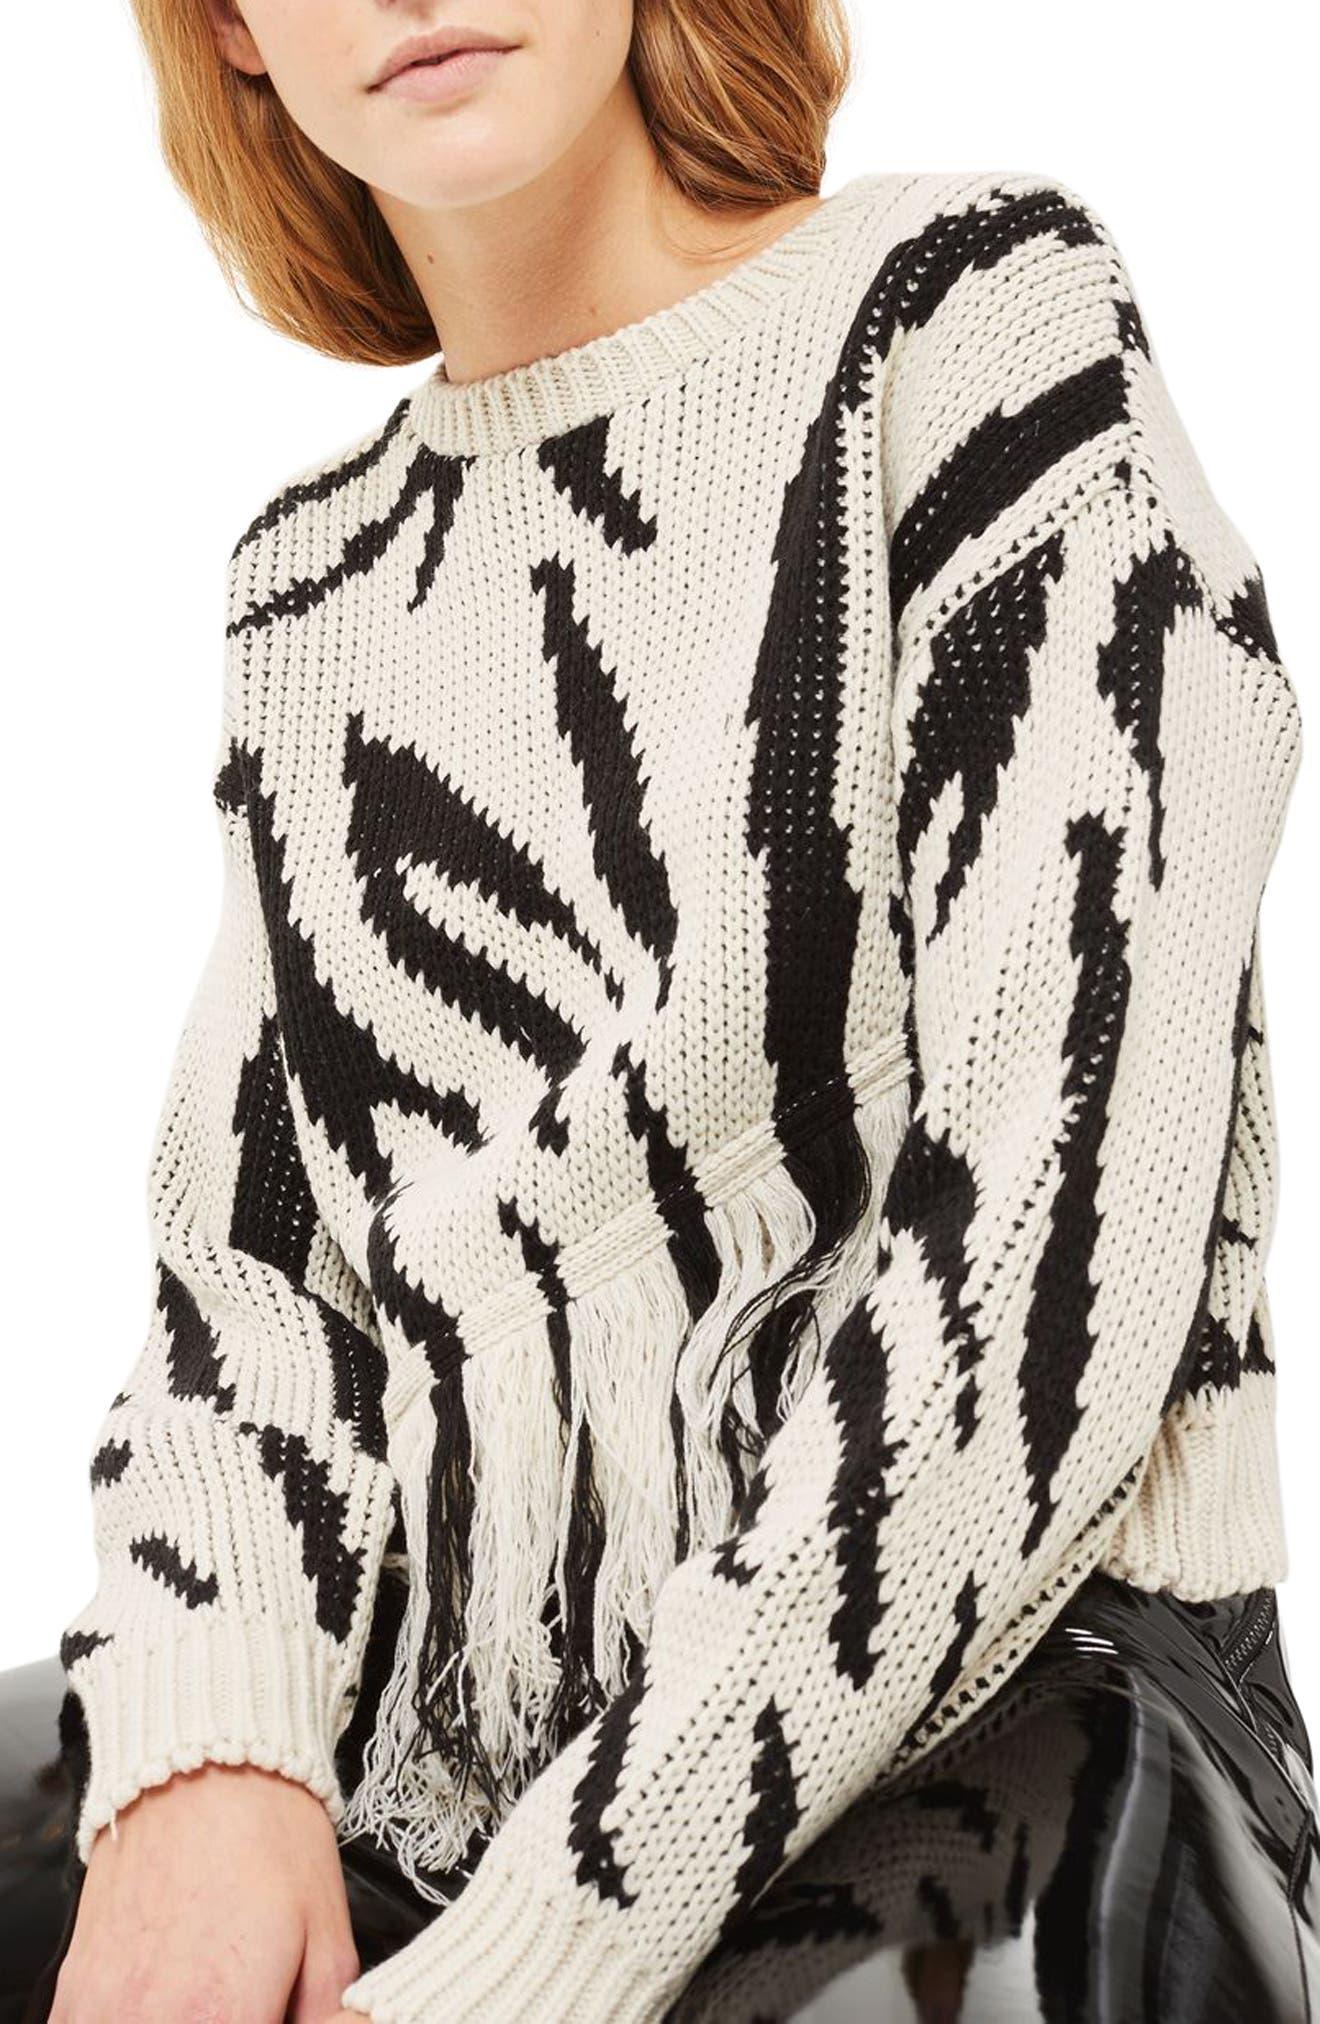 Fringe Zebra Print Sweater,                             Main thumbnail 1, color,                             001